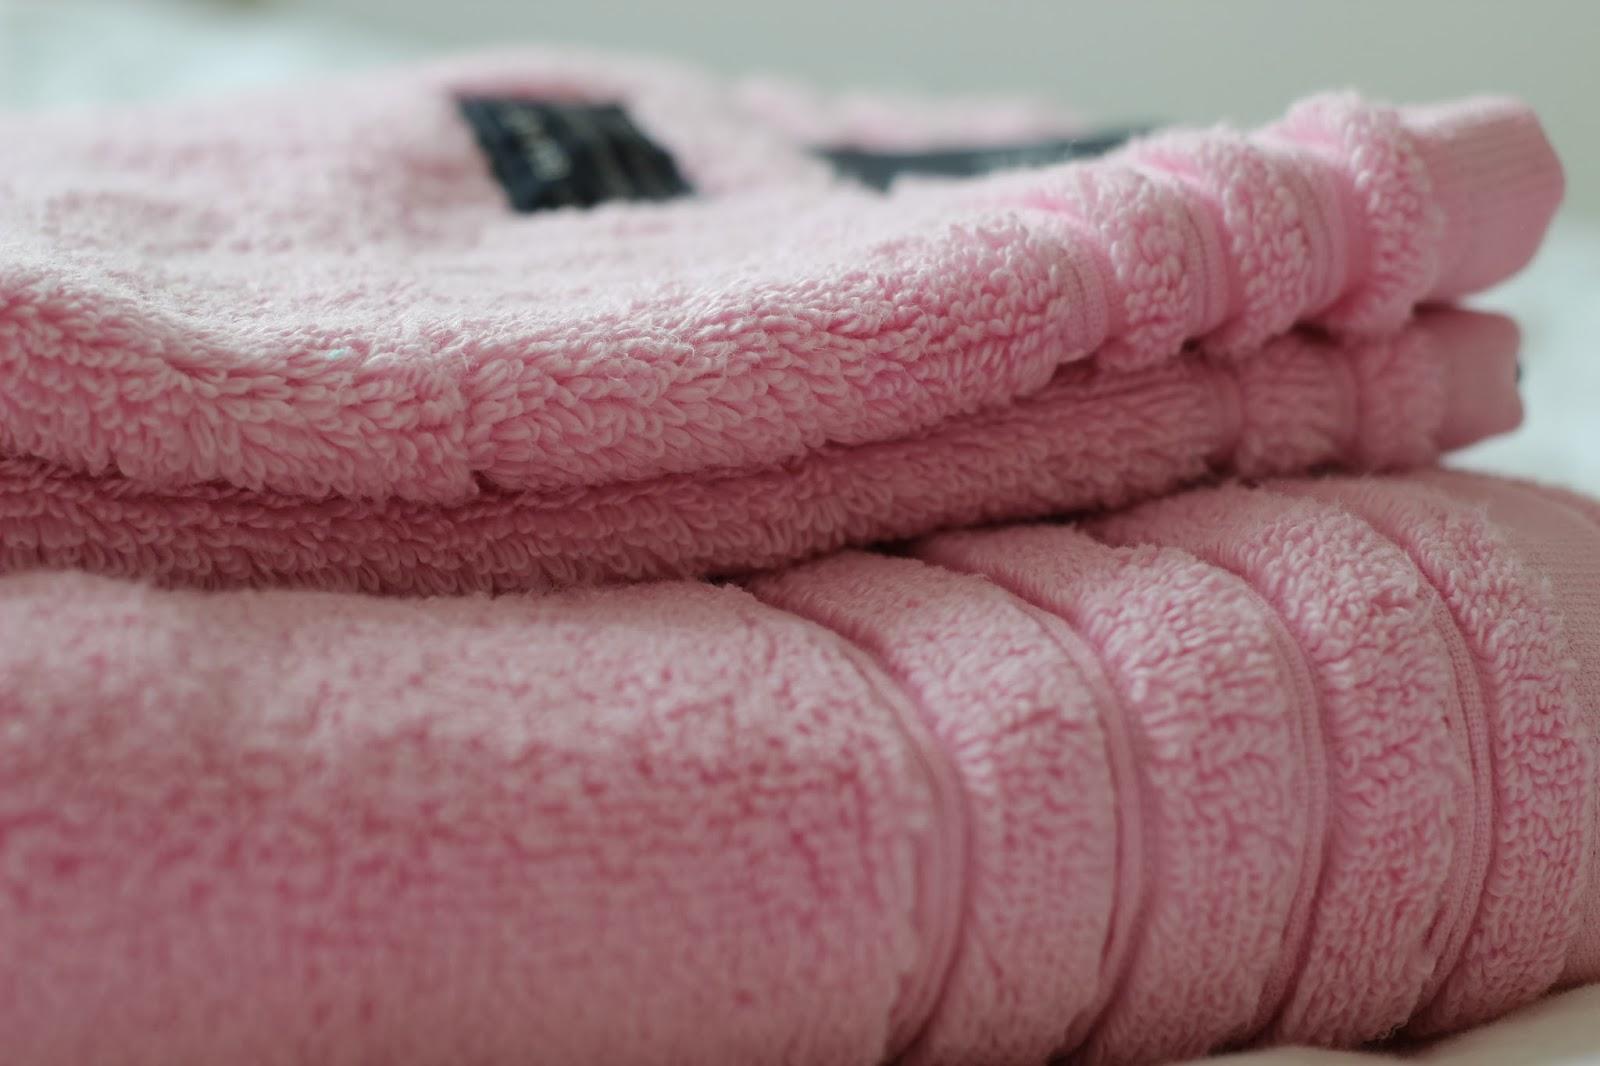 Meidän mustat ja harmaat pyyhkeet rupesivat ahdistamaan ja halusin  kylpyhuoneeseen jotain keväistä. Niinpä marssin Stockmannin kodinosastolle  ja hankin ... 9c406d840e